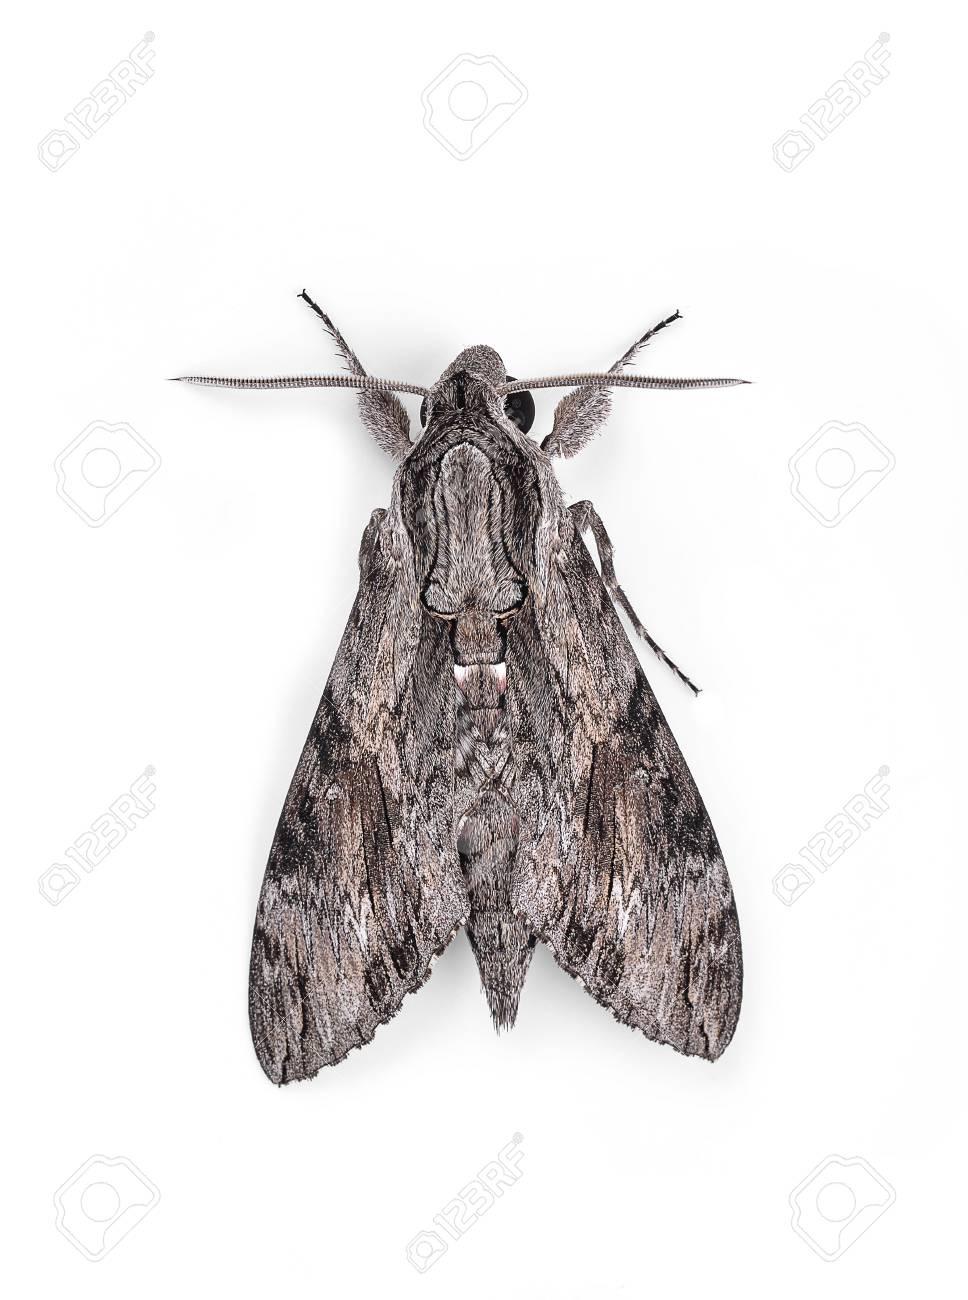 Papillon De Nuit Noir Et Blanc : papillon, blanc, Papillon, Isolé, Blanc., Banque, D'Images, Photos, Libres, Droits., Image, 82497758.